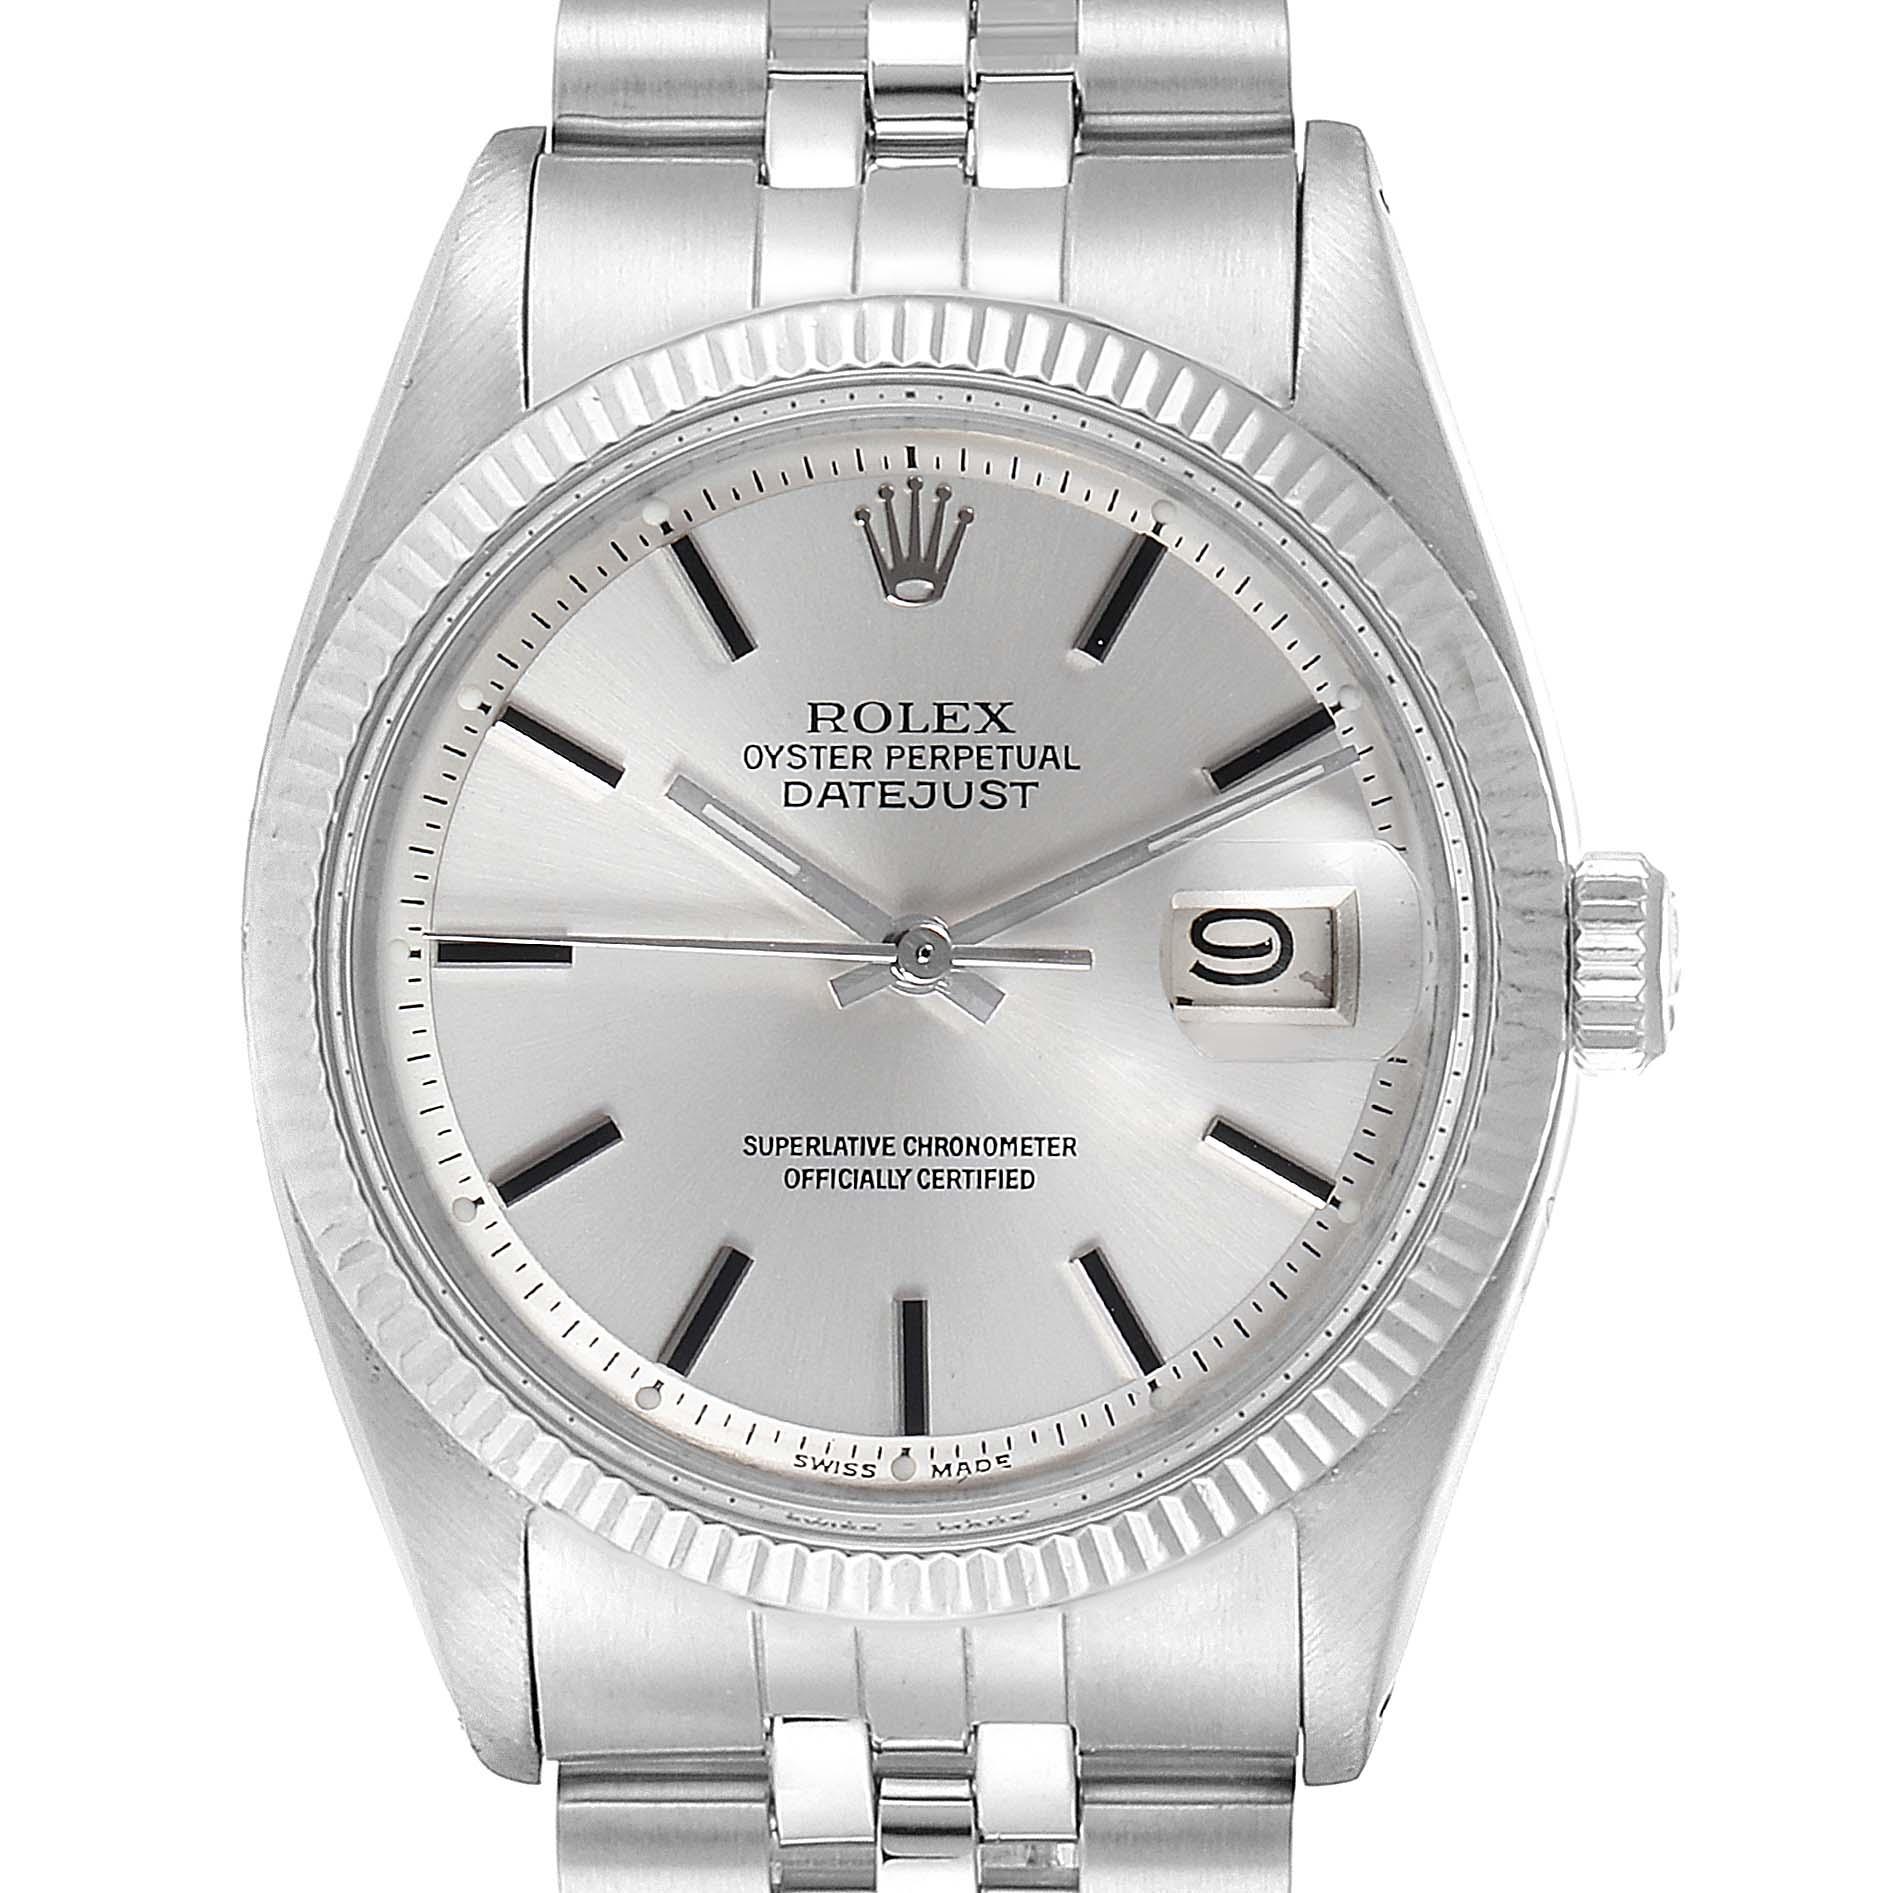 Rolex Datejust Steel White Gold Fluted Bezel Vintage Steel Watch 1601